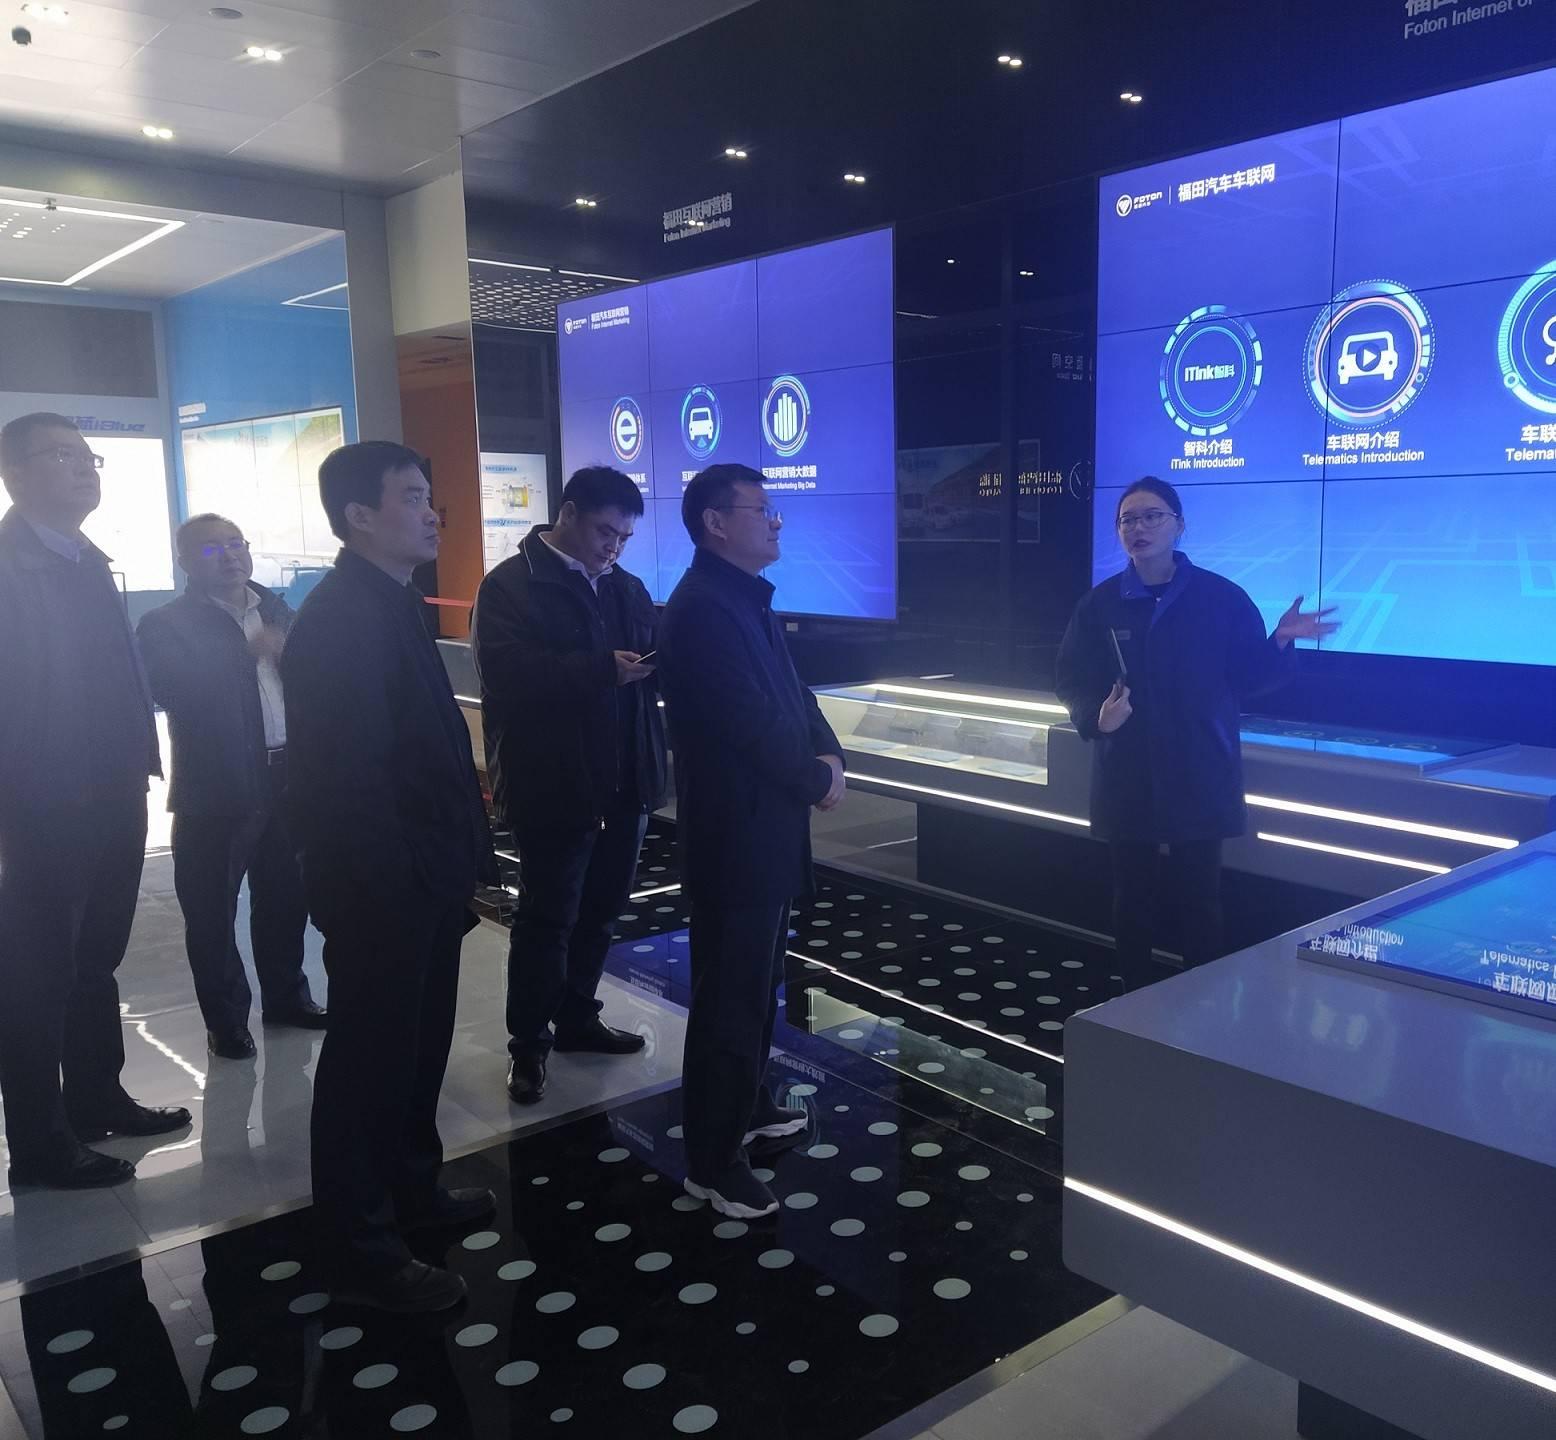 朱继坤市长赴北京开展招商考察活动